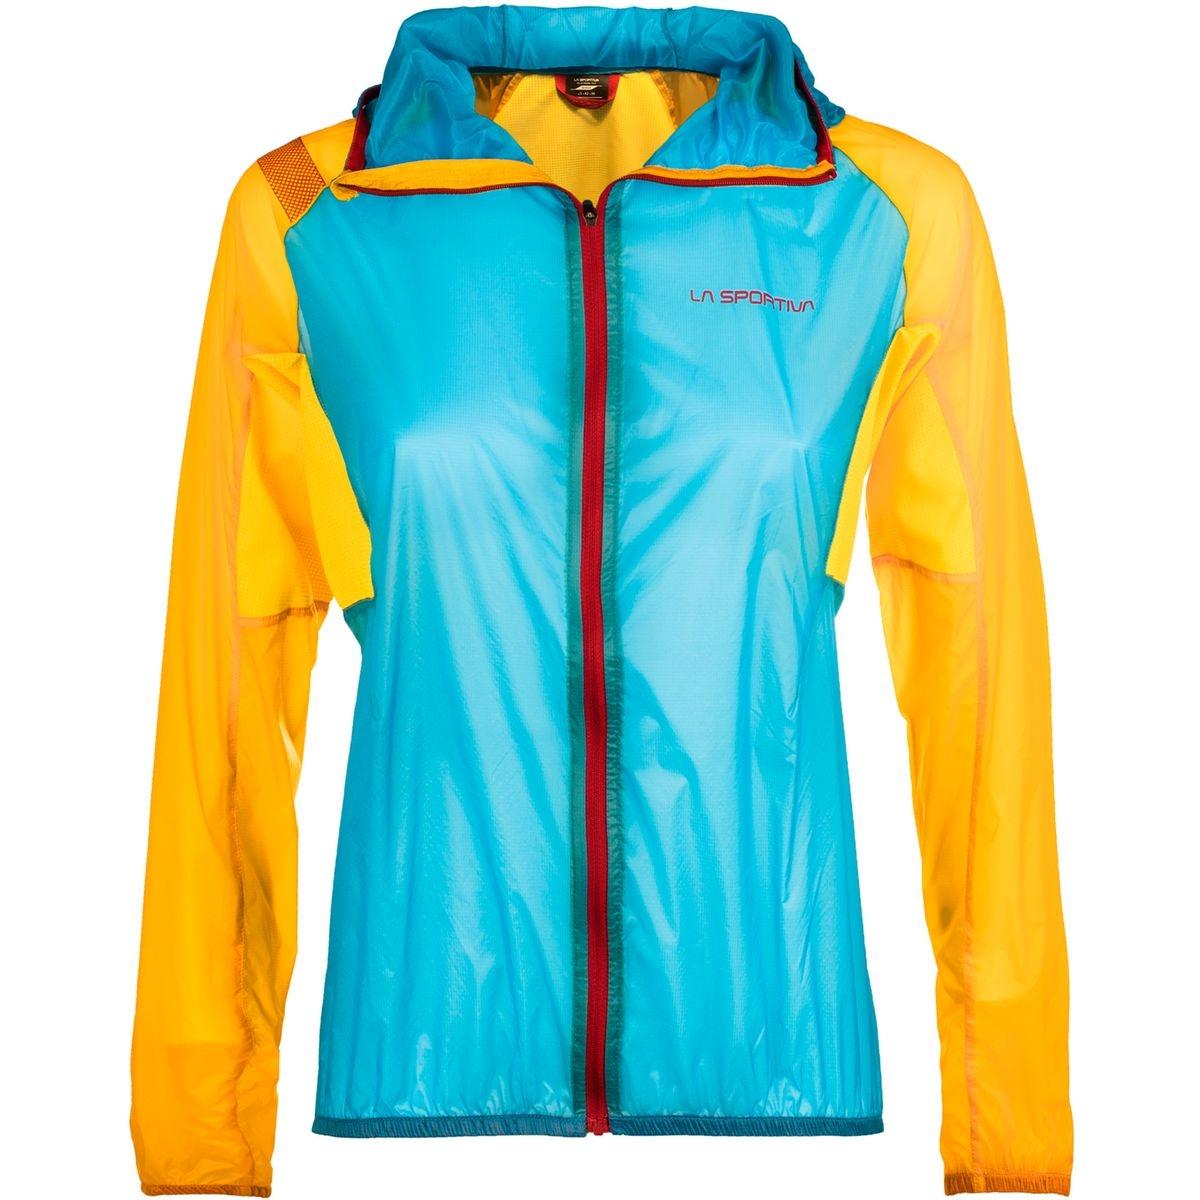 Briza Windbreaker - Veste course à pied Femme - jaune/bleu